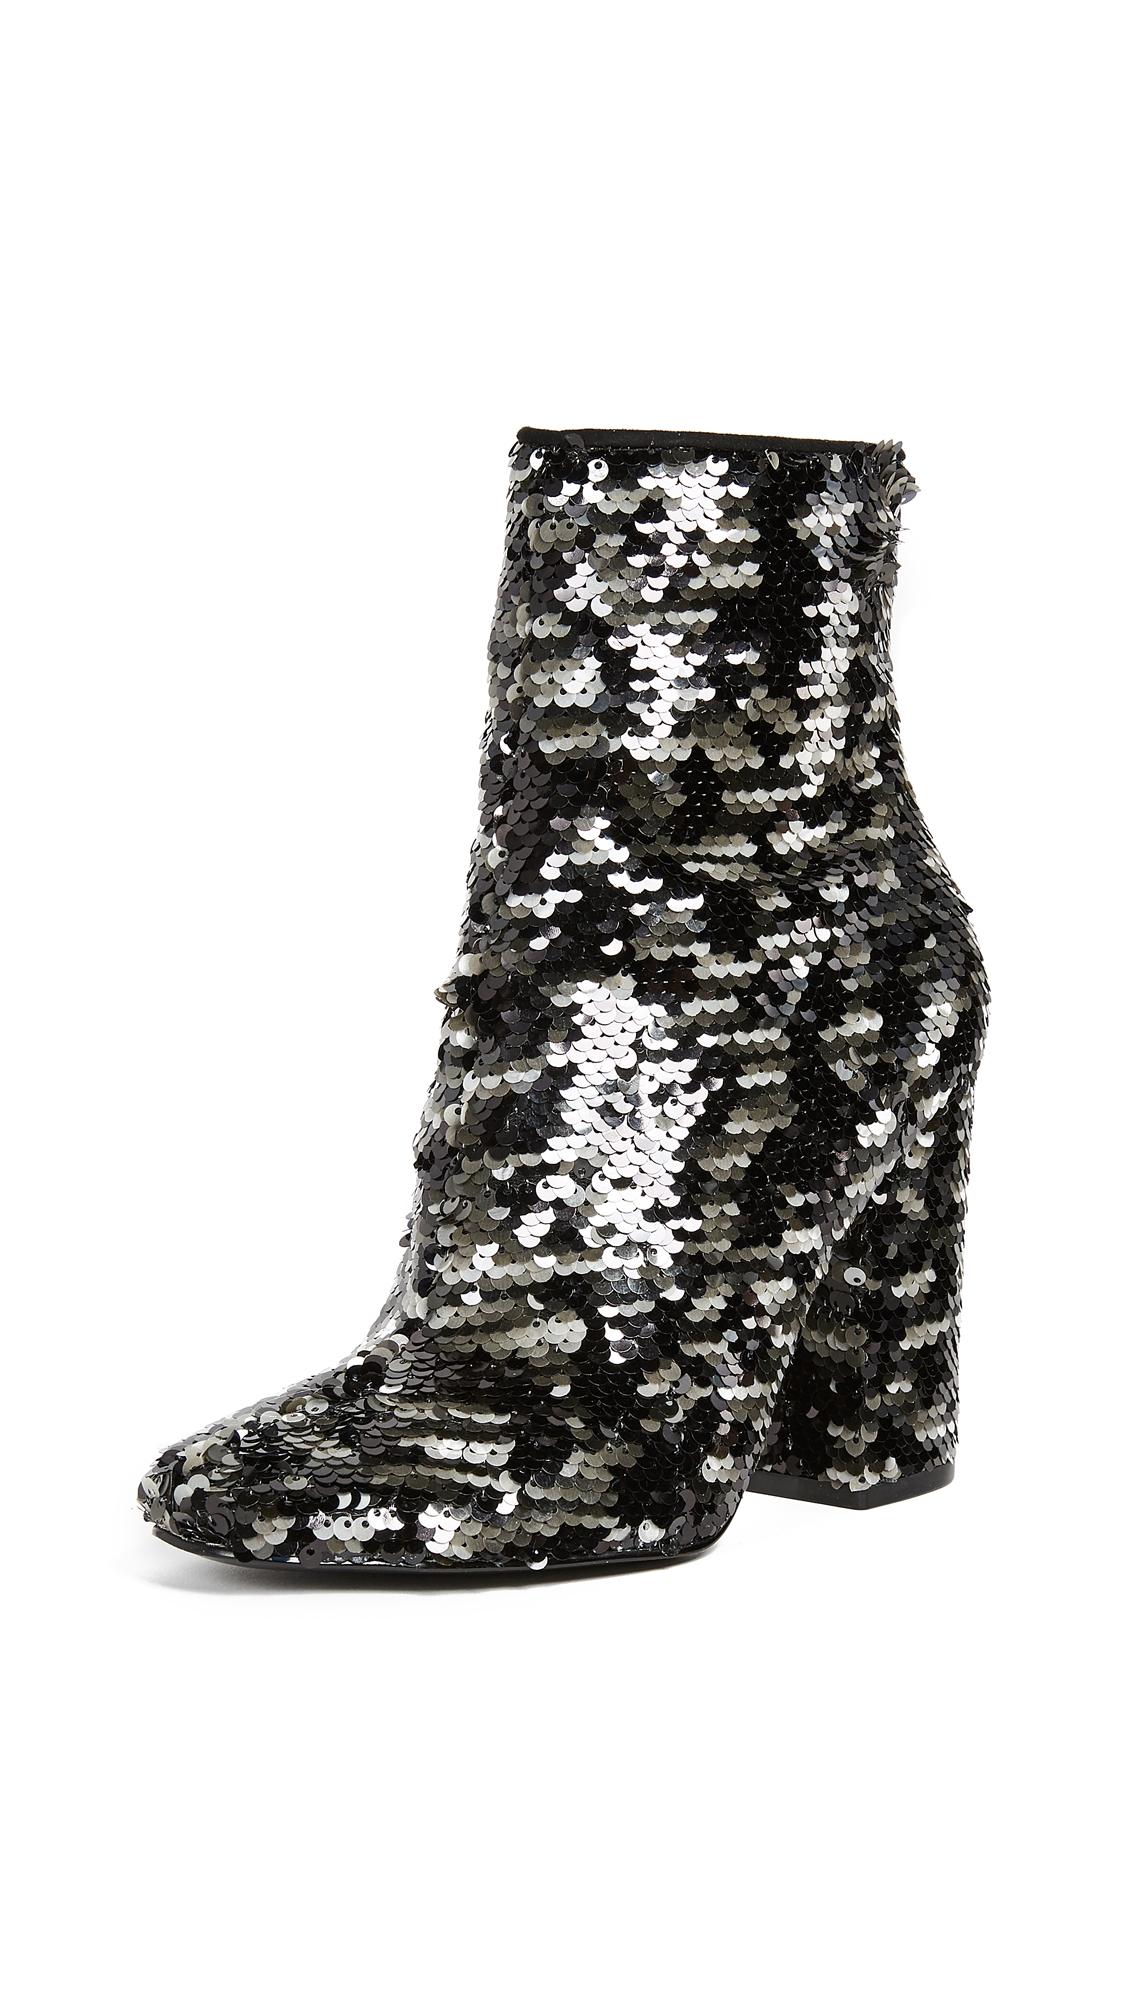 KENDALL + KYLIE Haedyn Block Heel Ankle Boots - Black Multi